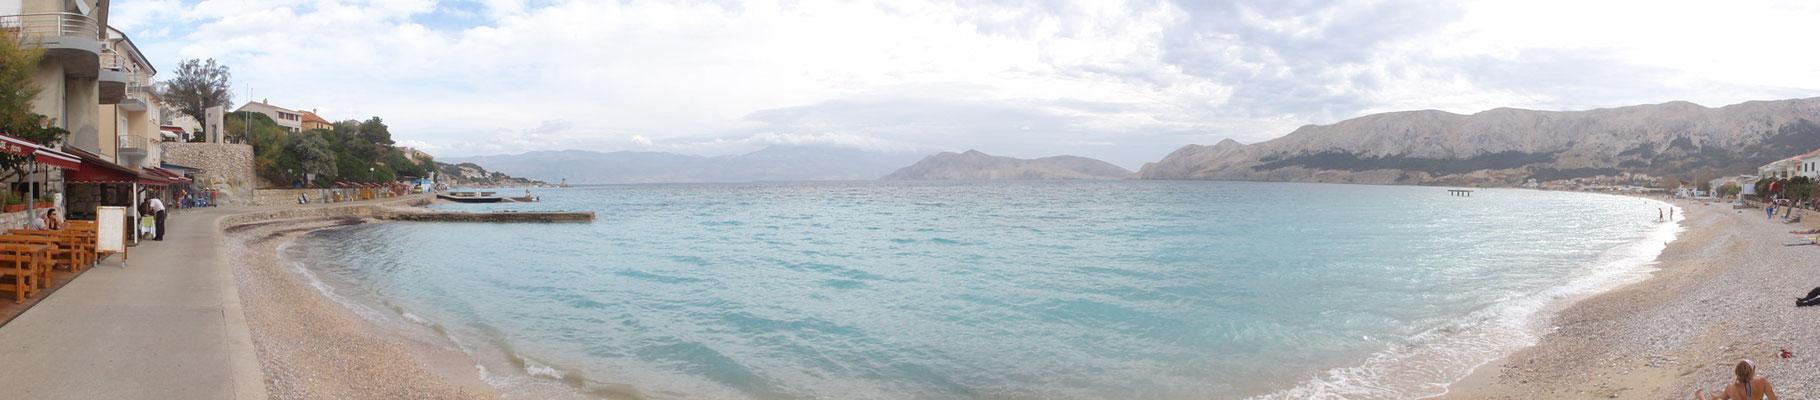 Panorama vom Strand in Baska